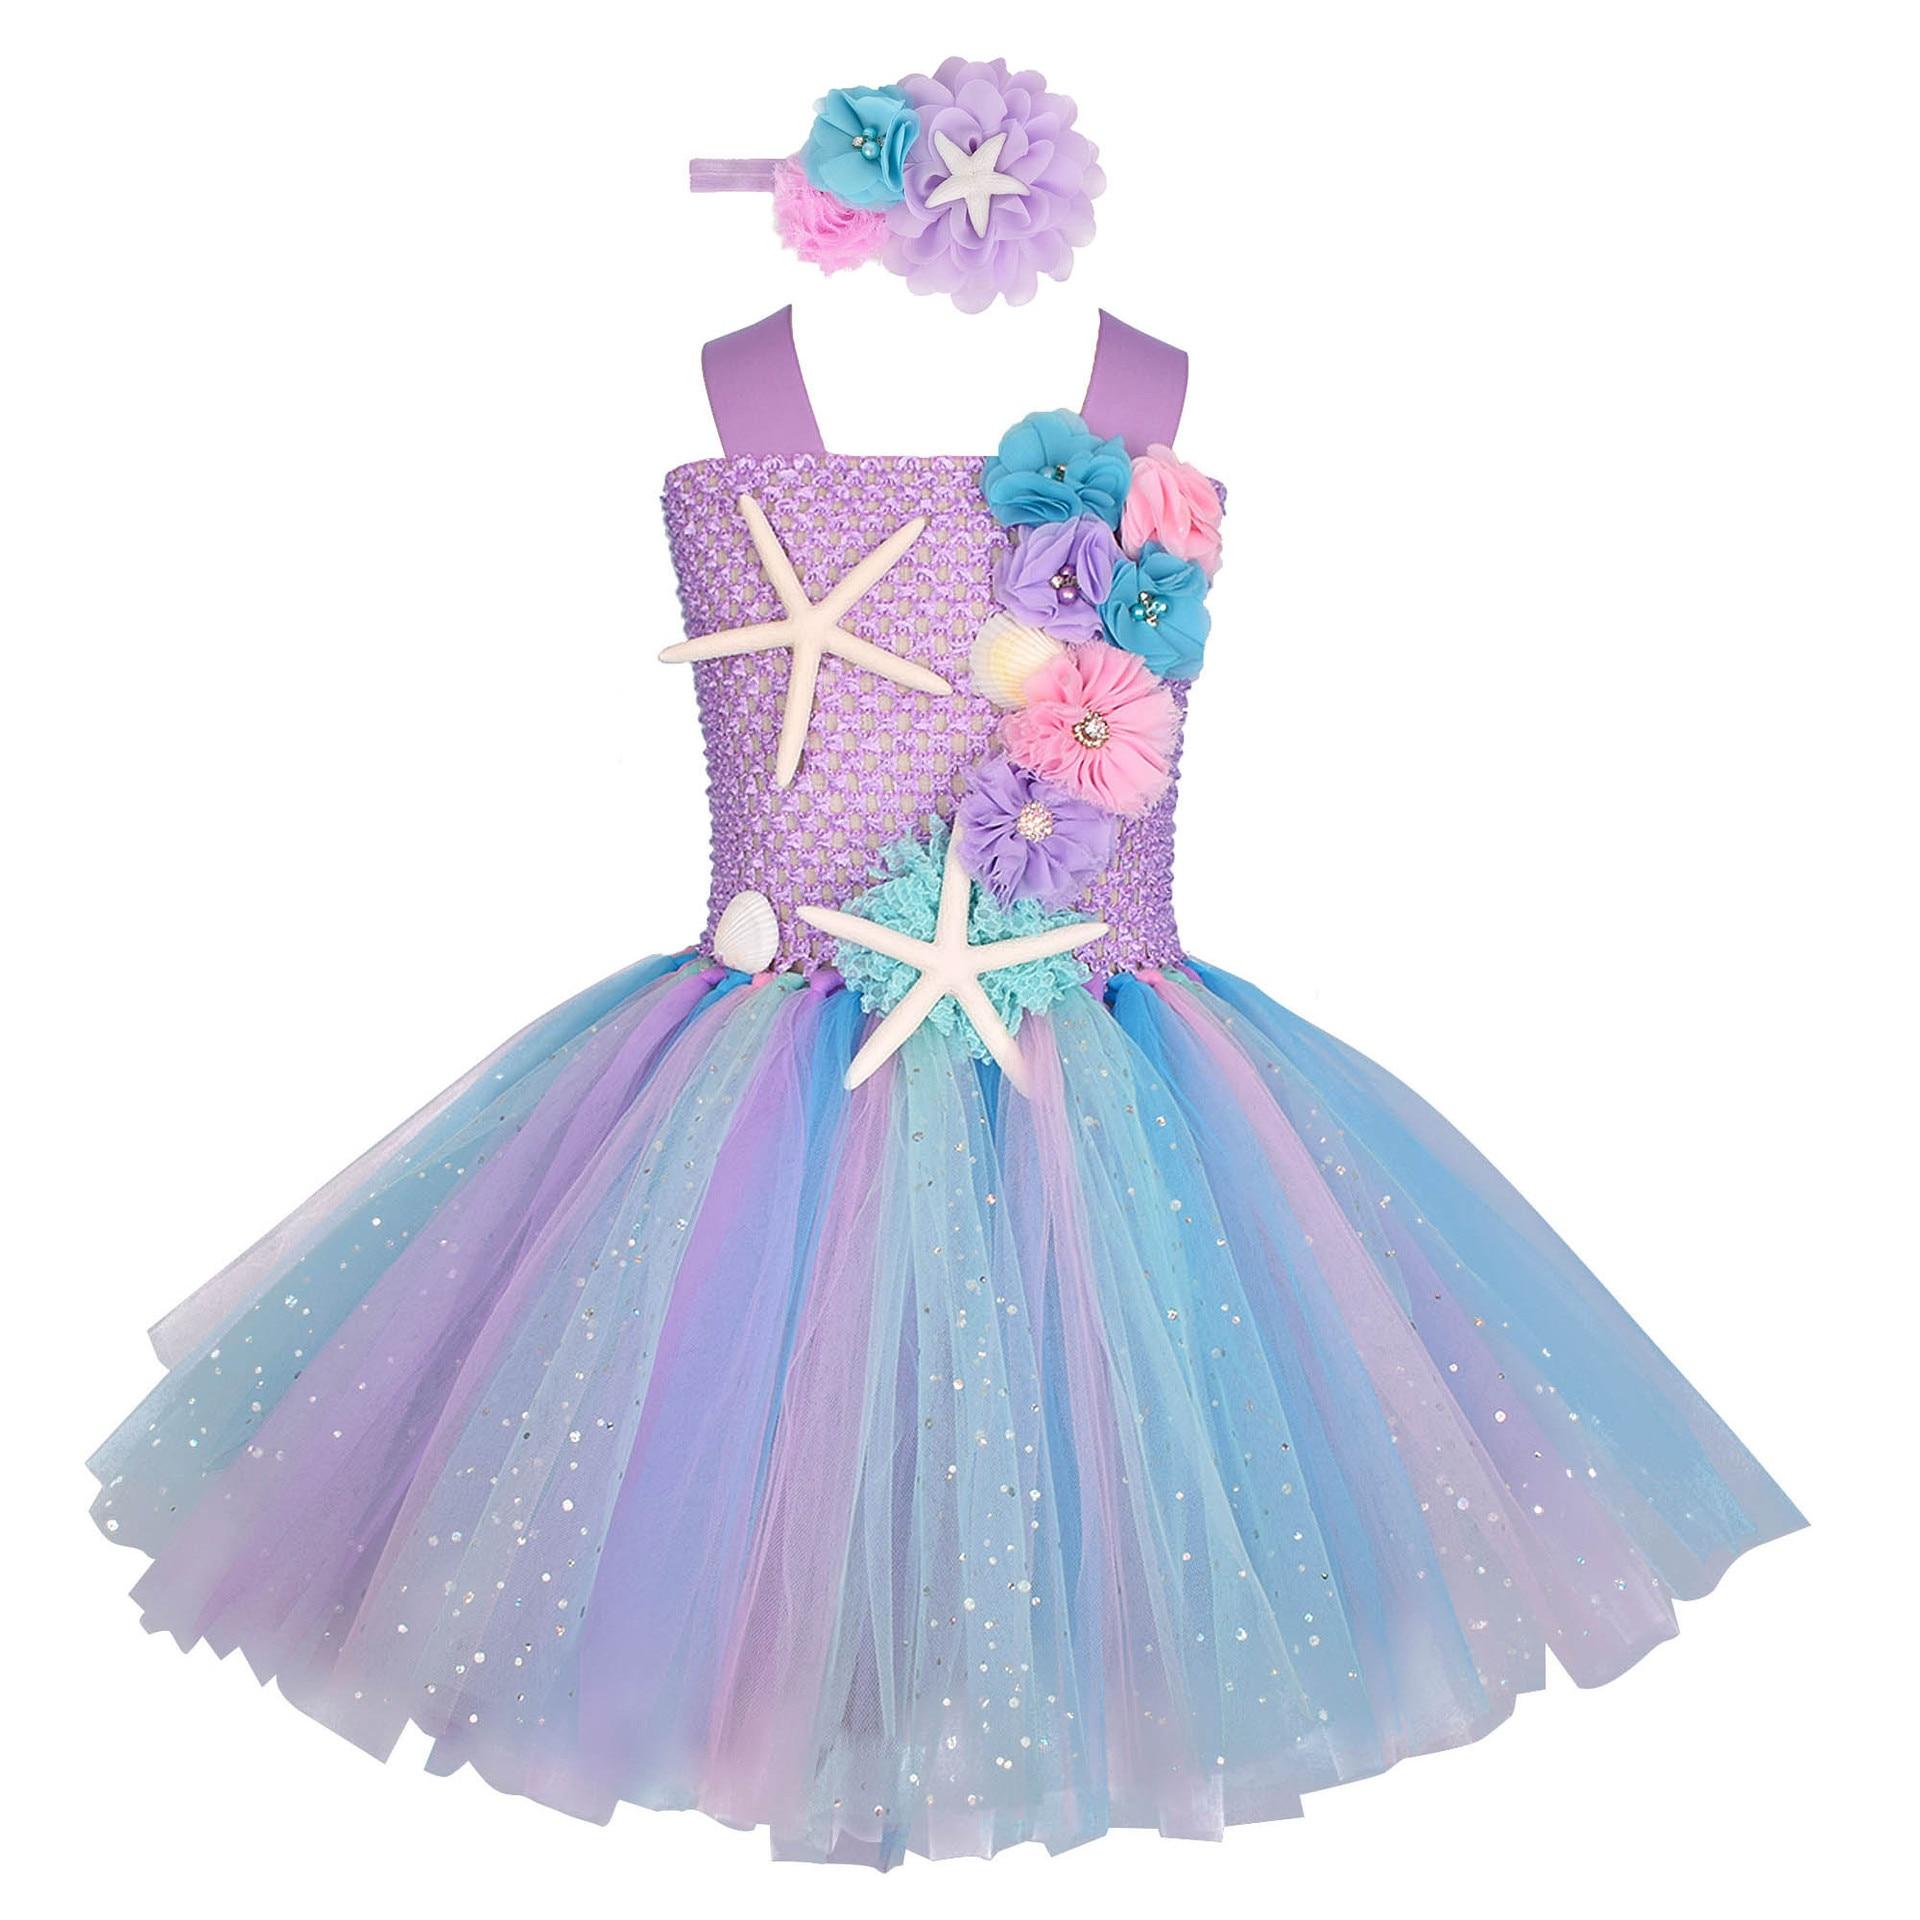 Dziewczęca pastelowa syrenka Tutu sukienka pod motyw morski kostium na przyjęcie urodzinowe z kwiatową opaską Ocean sukienki w kwiaty 1-12Y